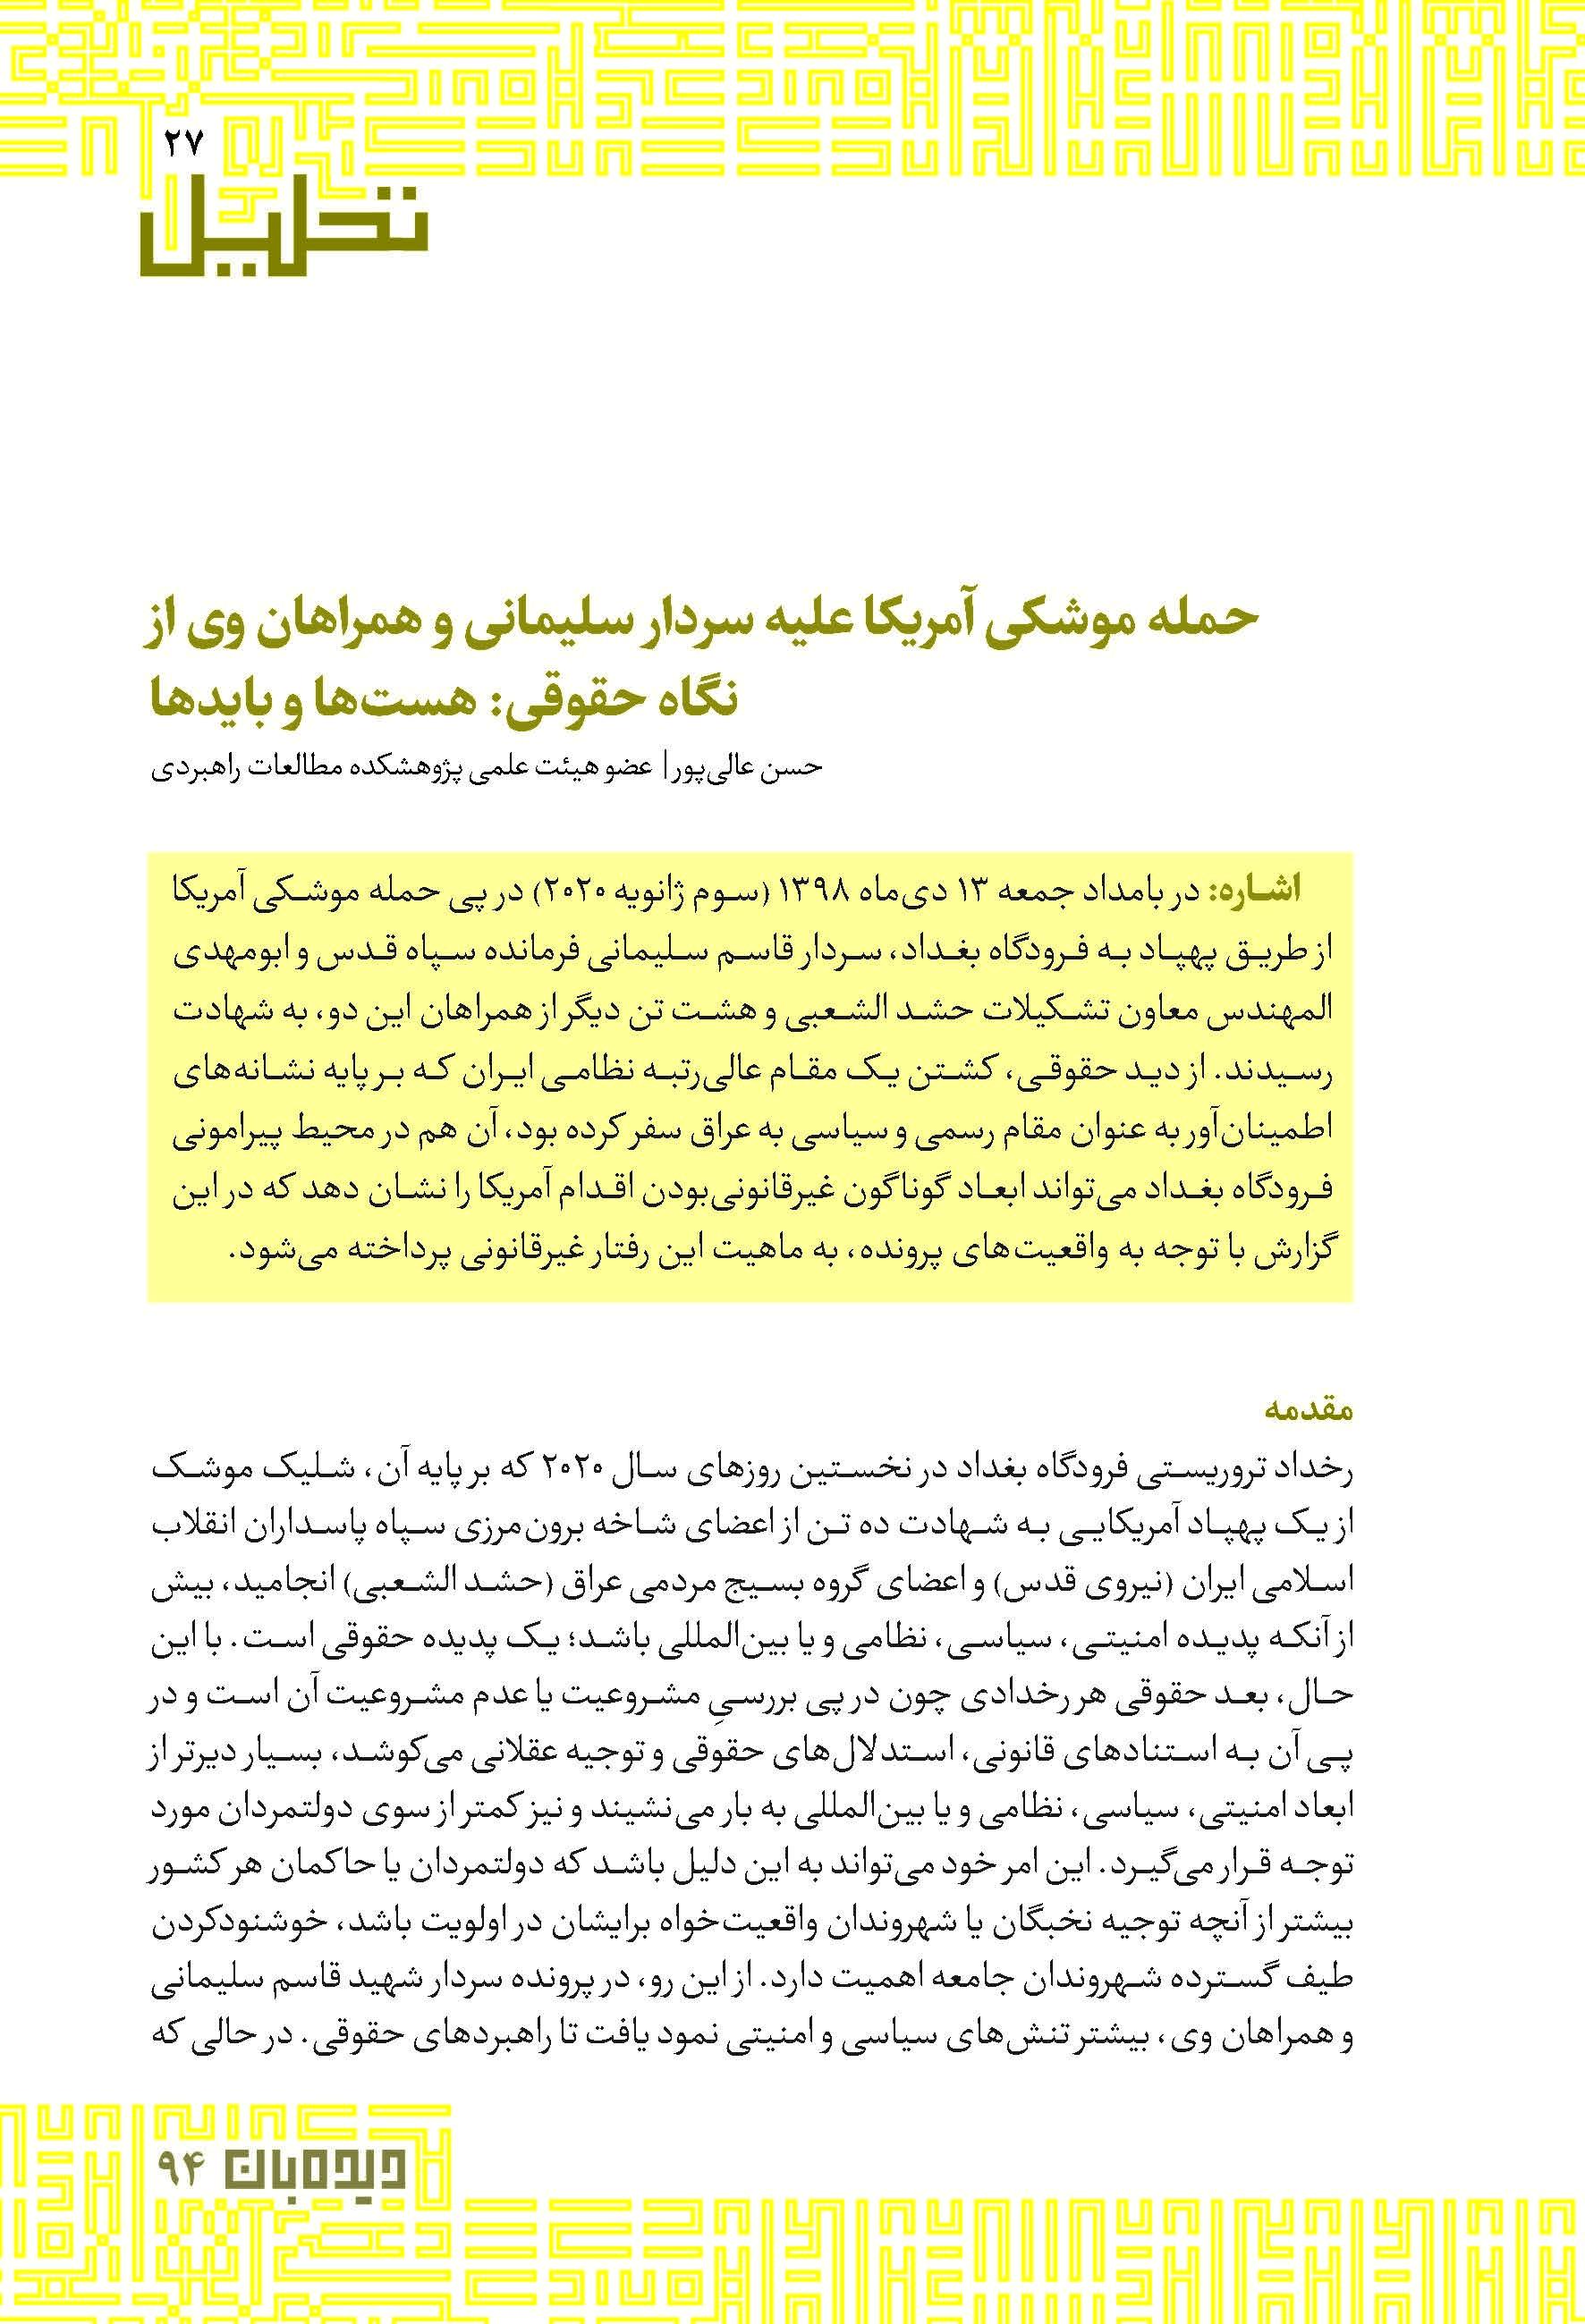 حمله موشکی آمریکا علیه سردار سلیمانی و همراهان وی از نگاه حقوقی: هستها و بایدها